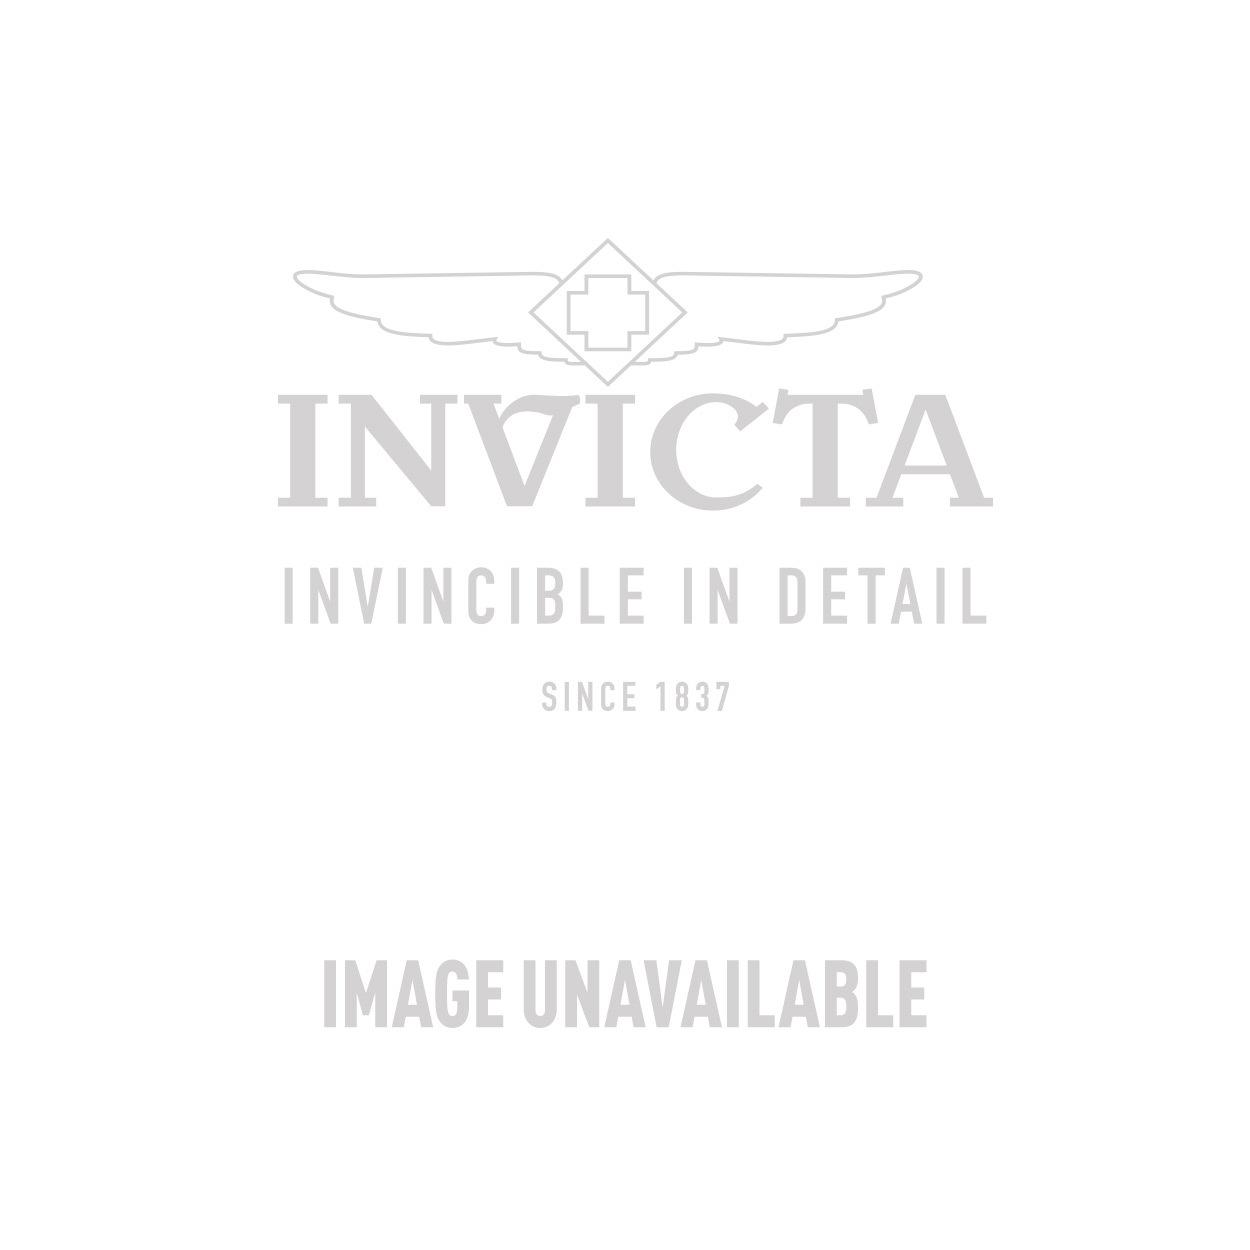 Invicta Model 29375